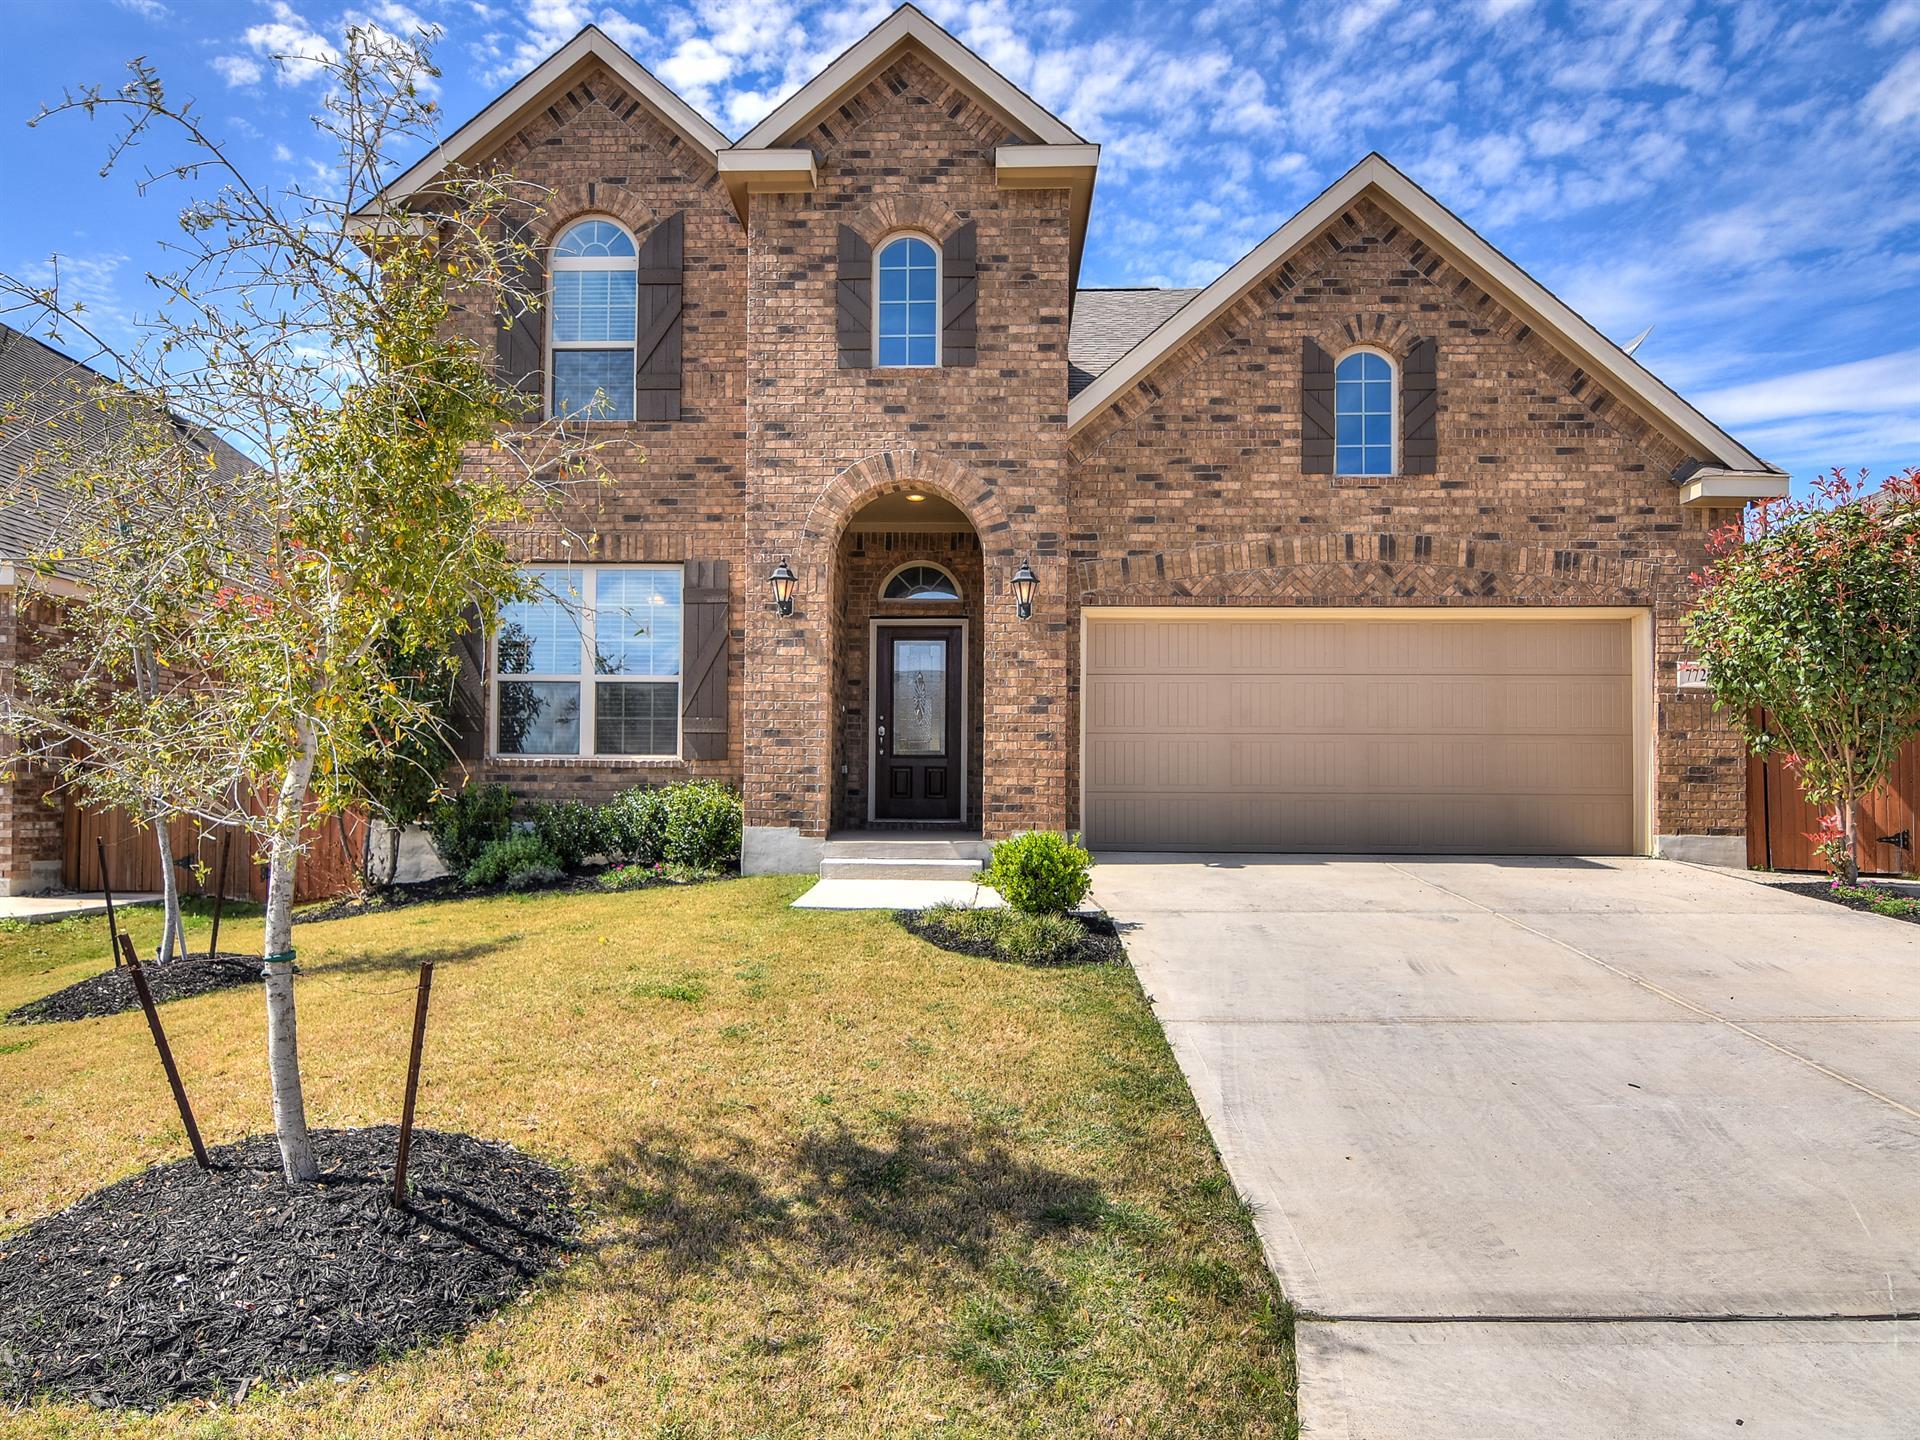 Casa por un Alquiler en 7727 William Bonney 7727 William Bonney San Antonio, Texas 78254 Estados Unidos